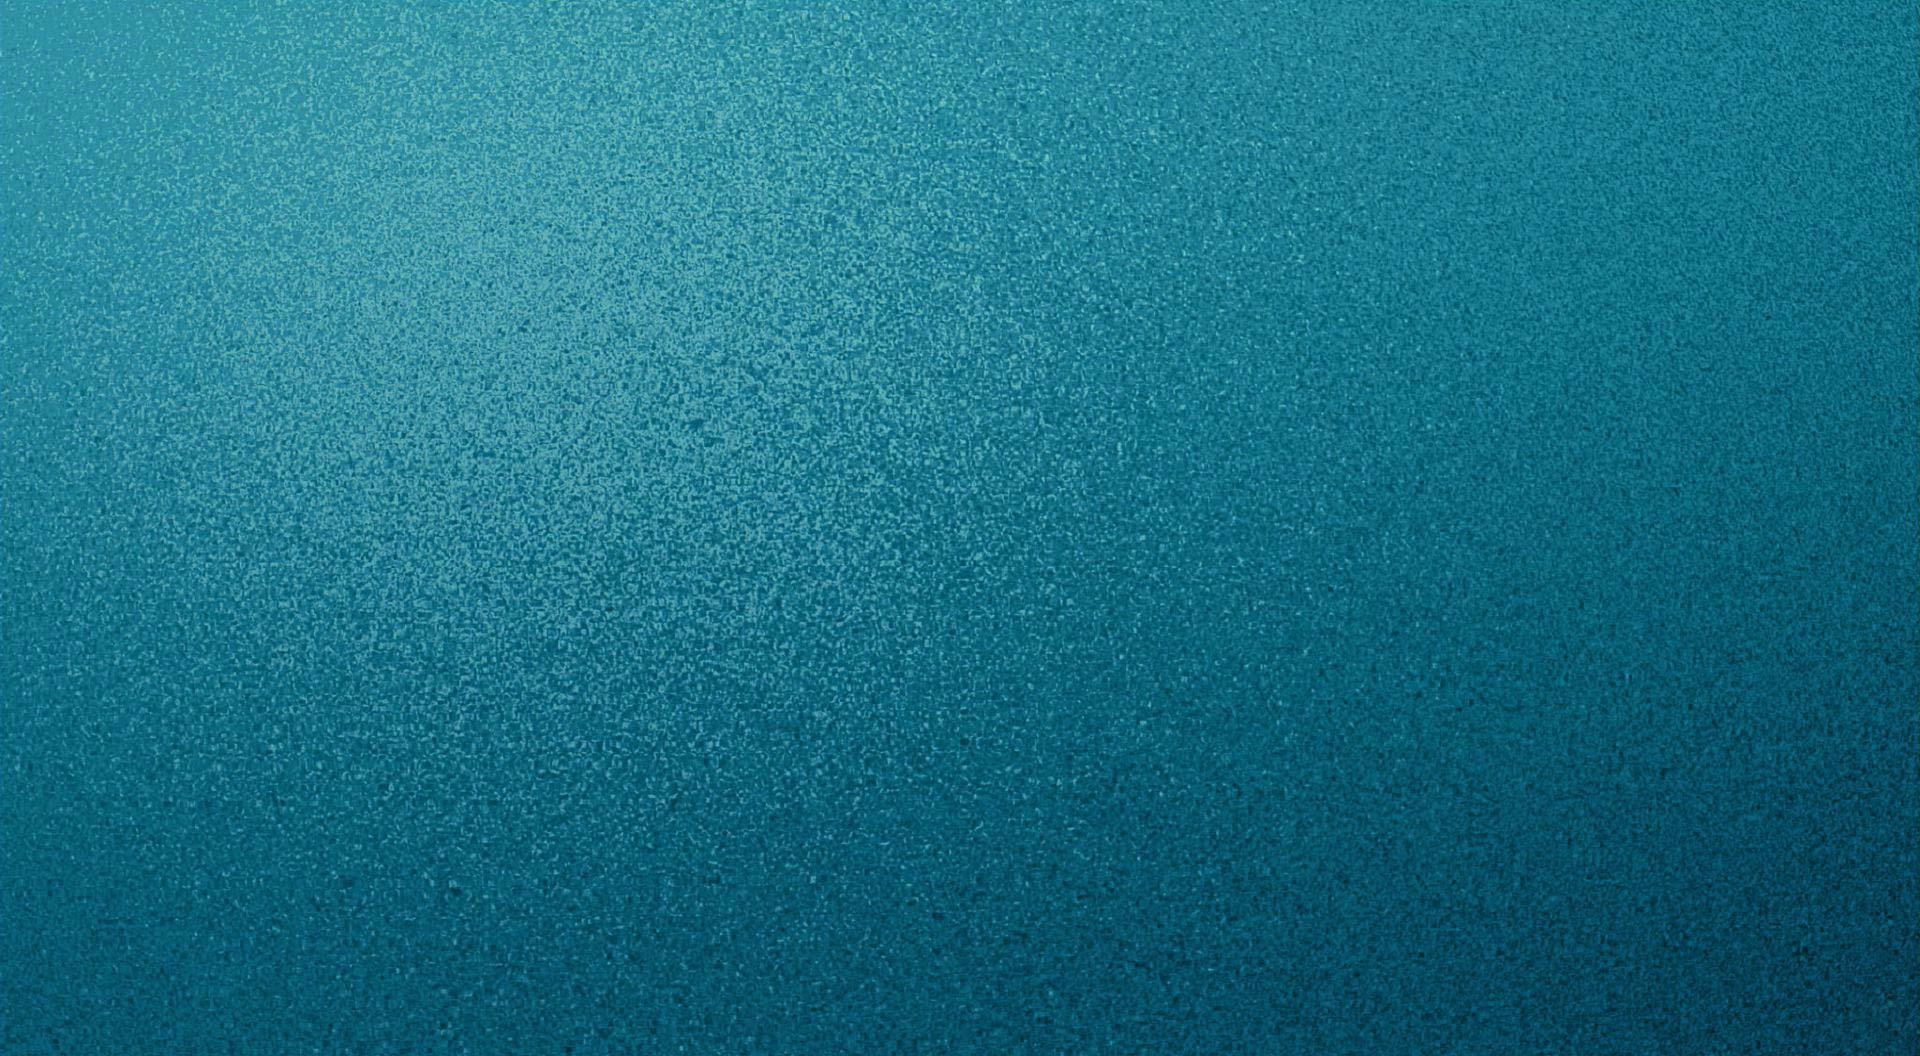 Aqua Blue Textured Background Desktop Wallpaper